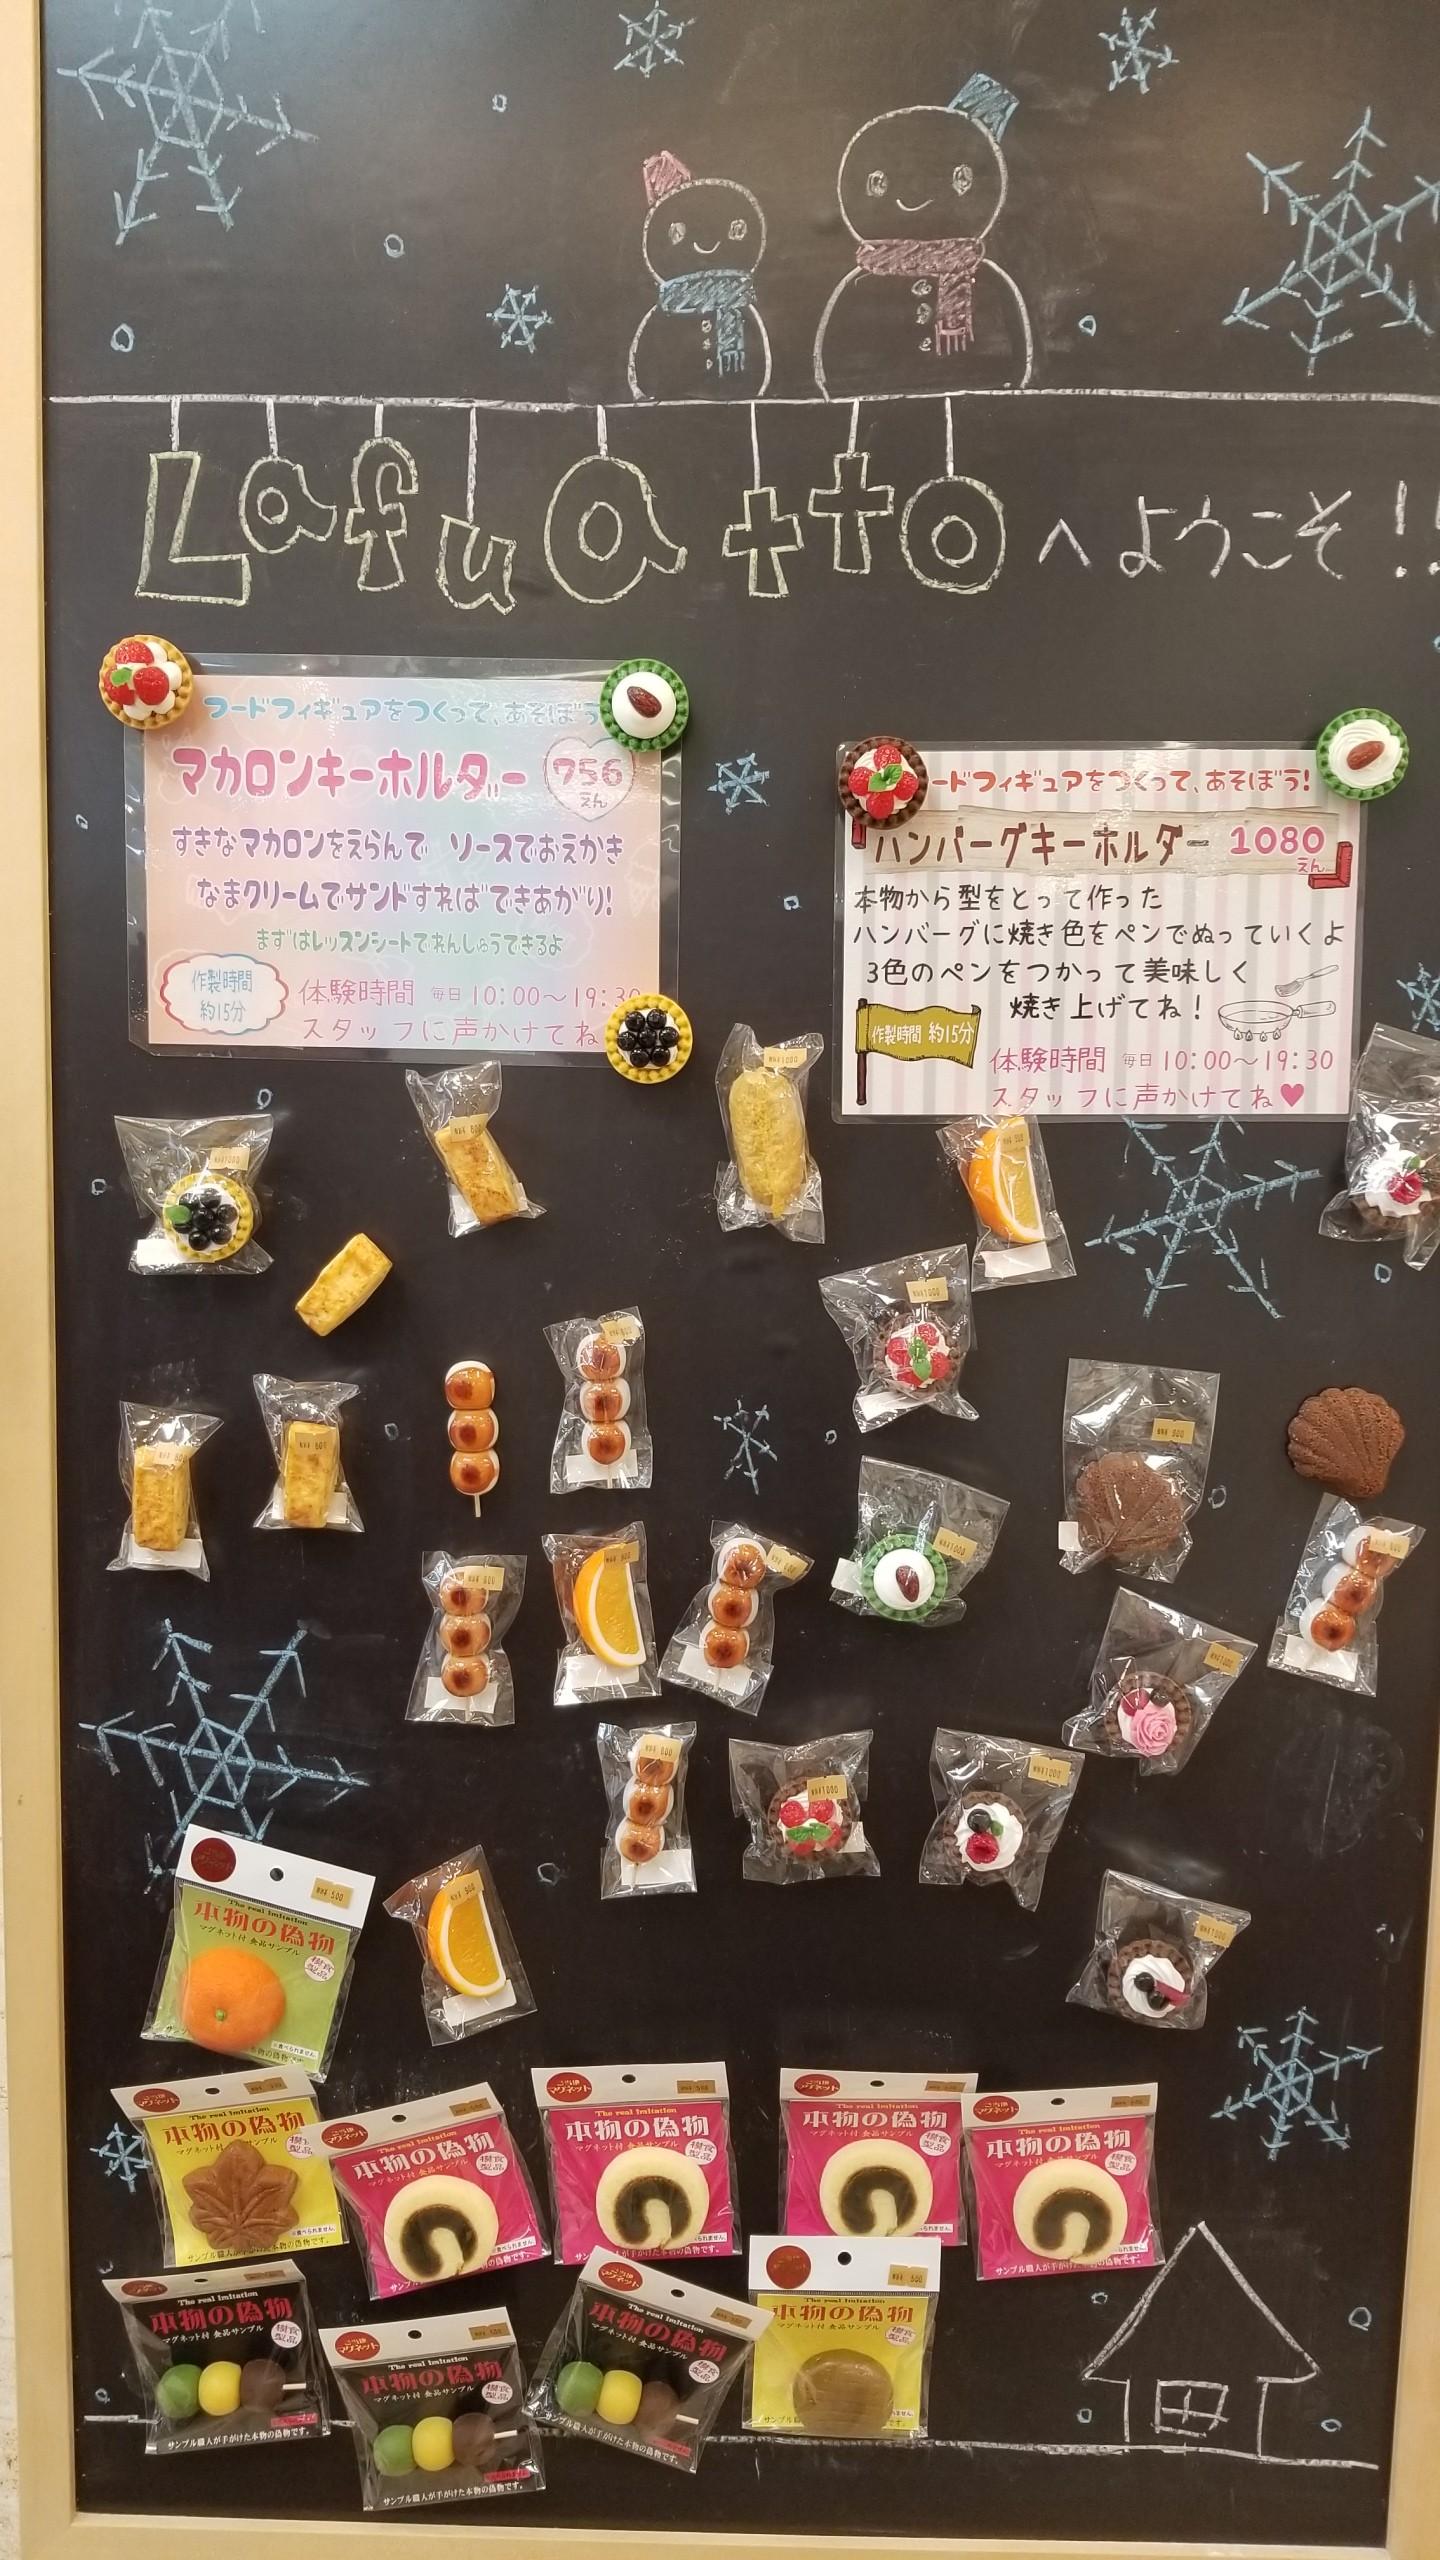 Lafuatto,フェイクフード,食品サンプル,お店,shop,松山市朝生田